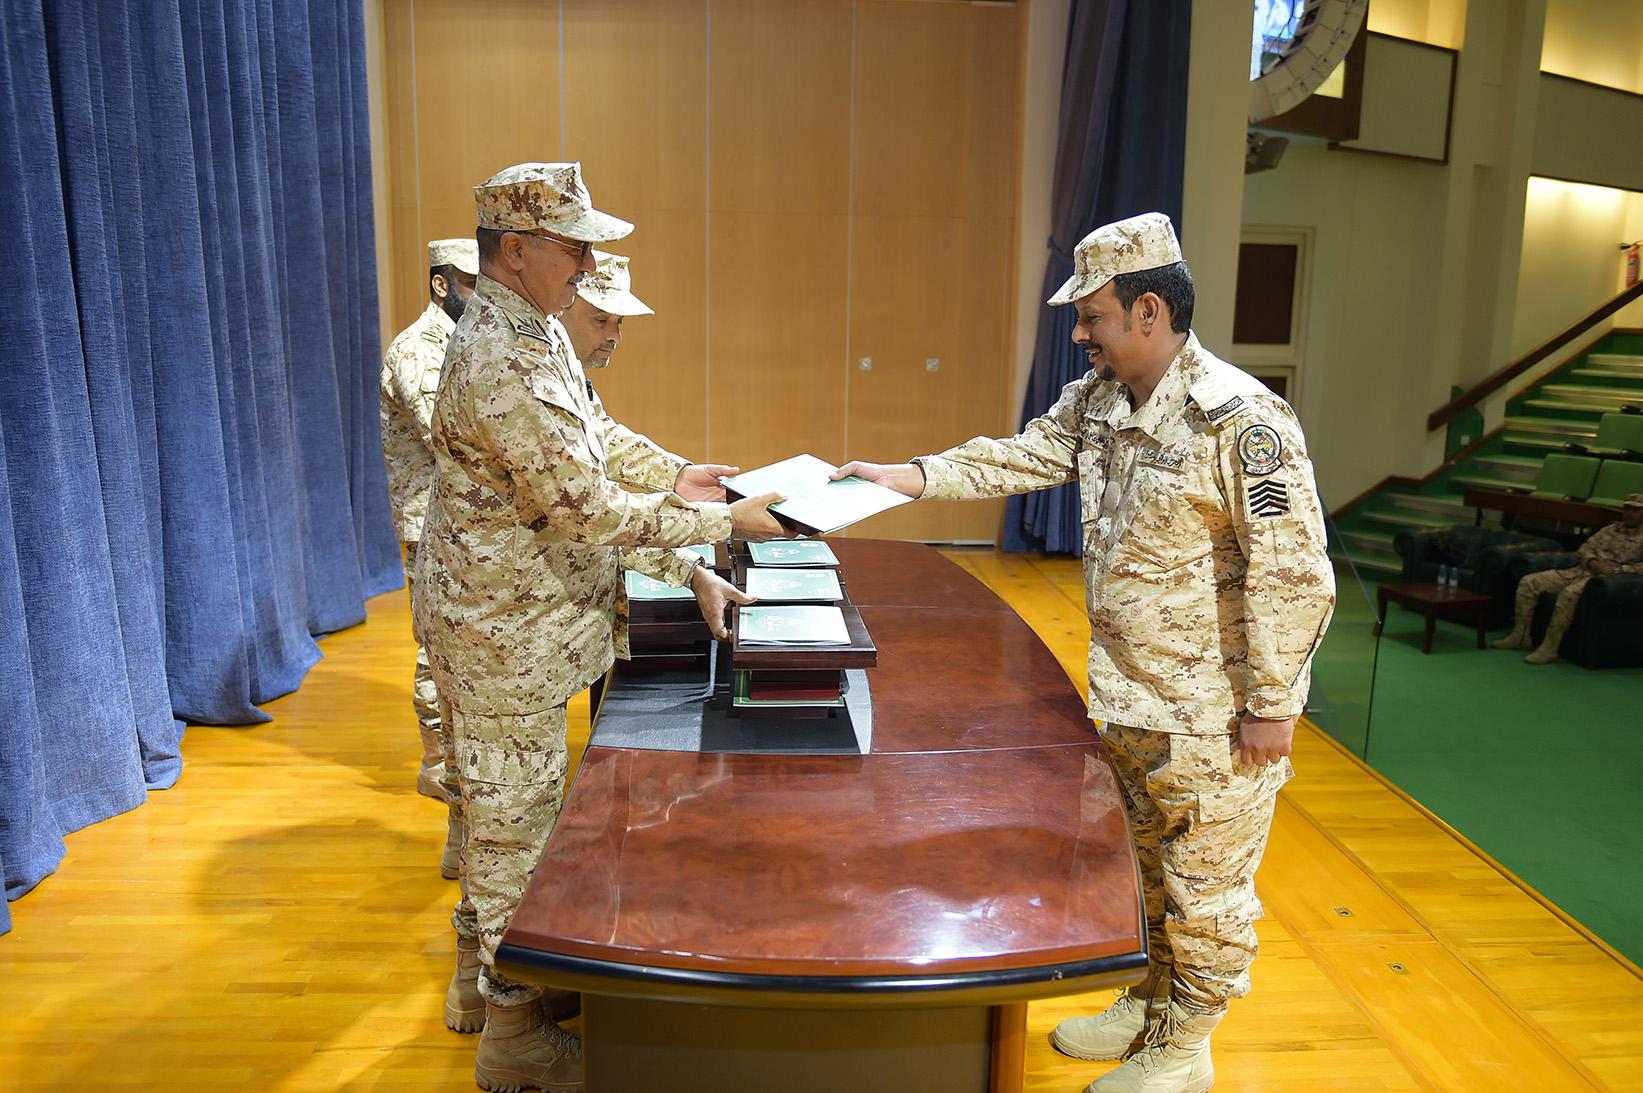 مدرسة-سلاح-الاشارة-بالحرس-الوطني-تخريج-دورات-تدريبية (1)